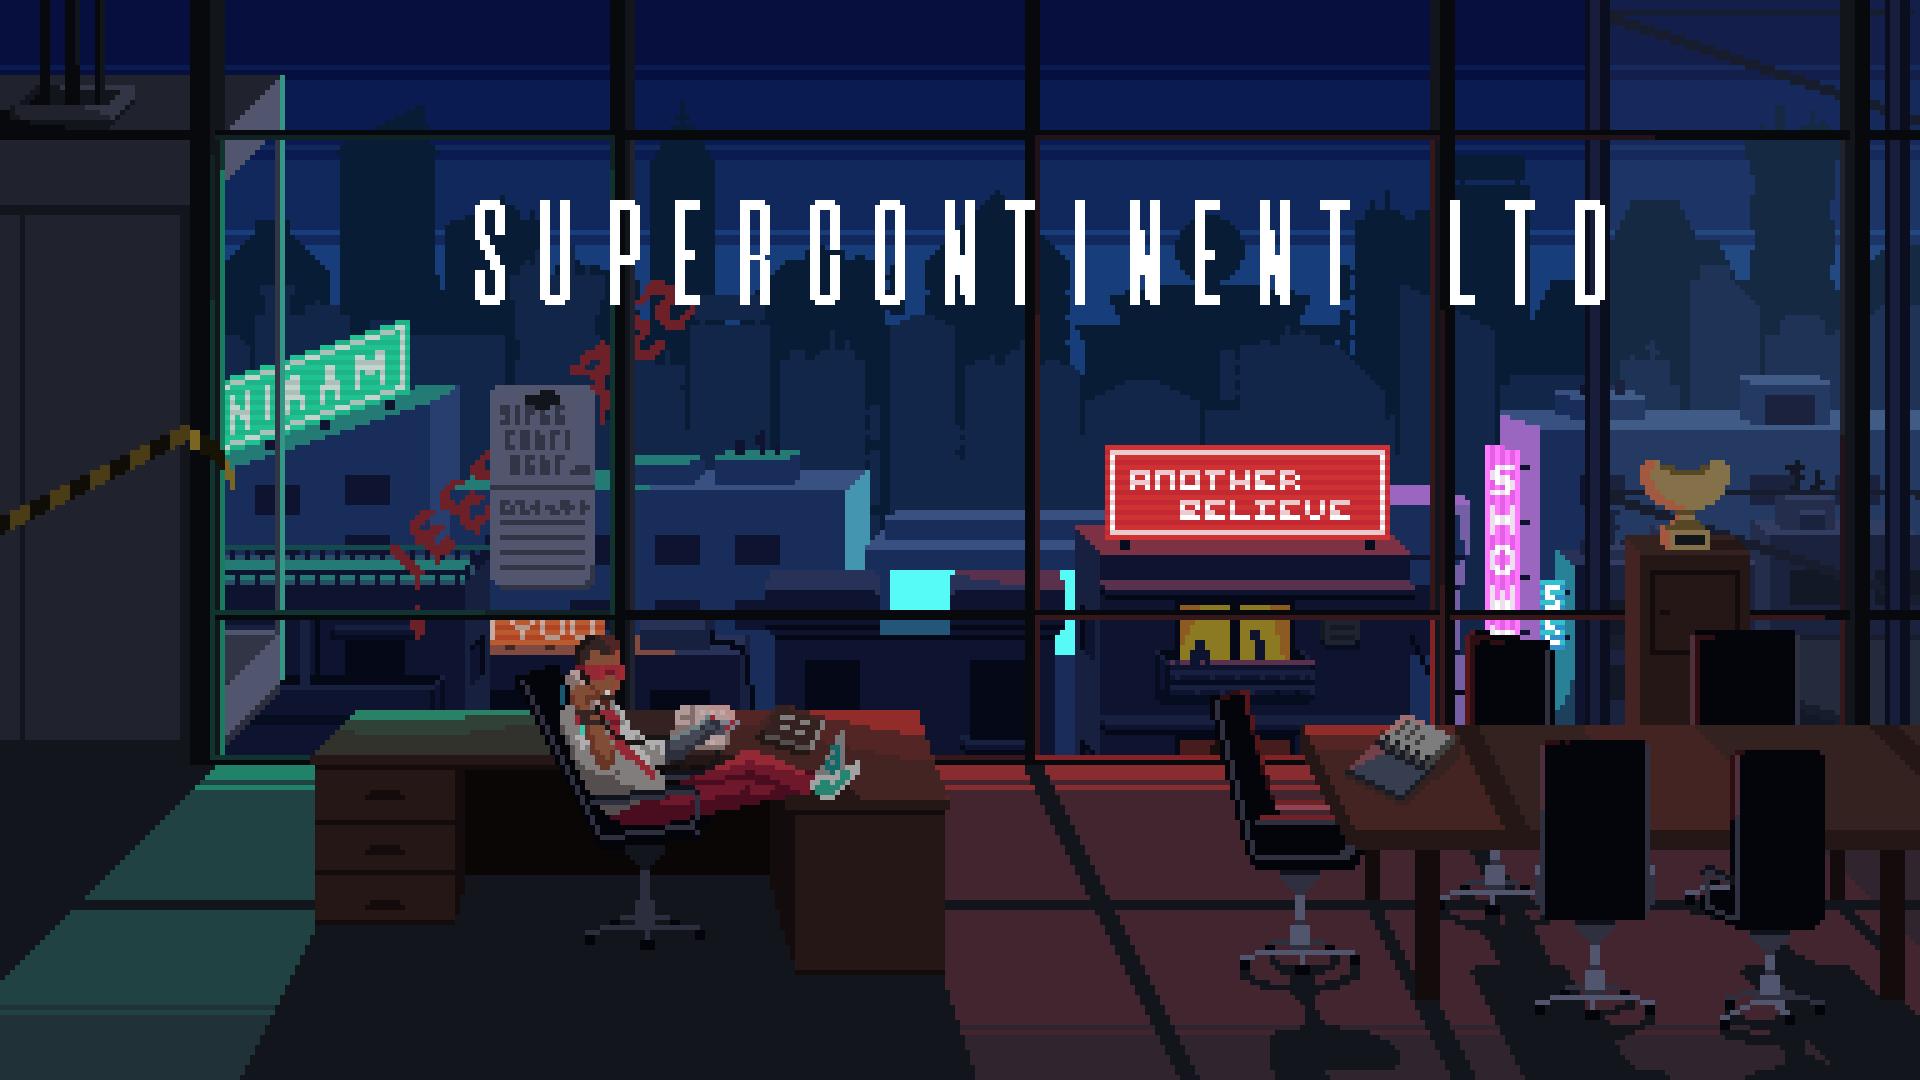 03_supercontinent_ltd_01